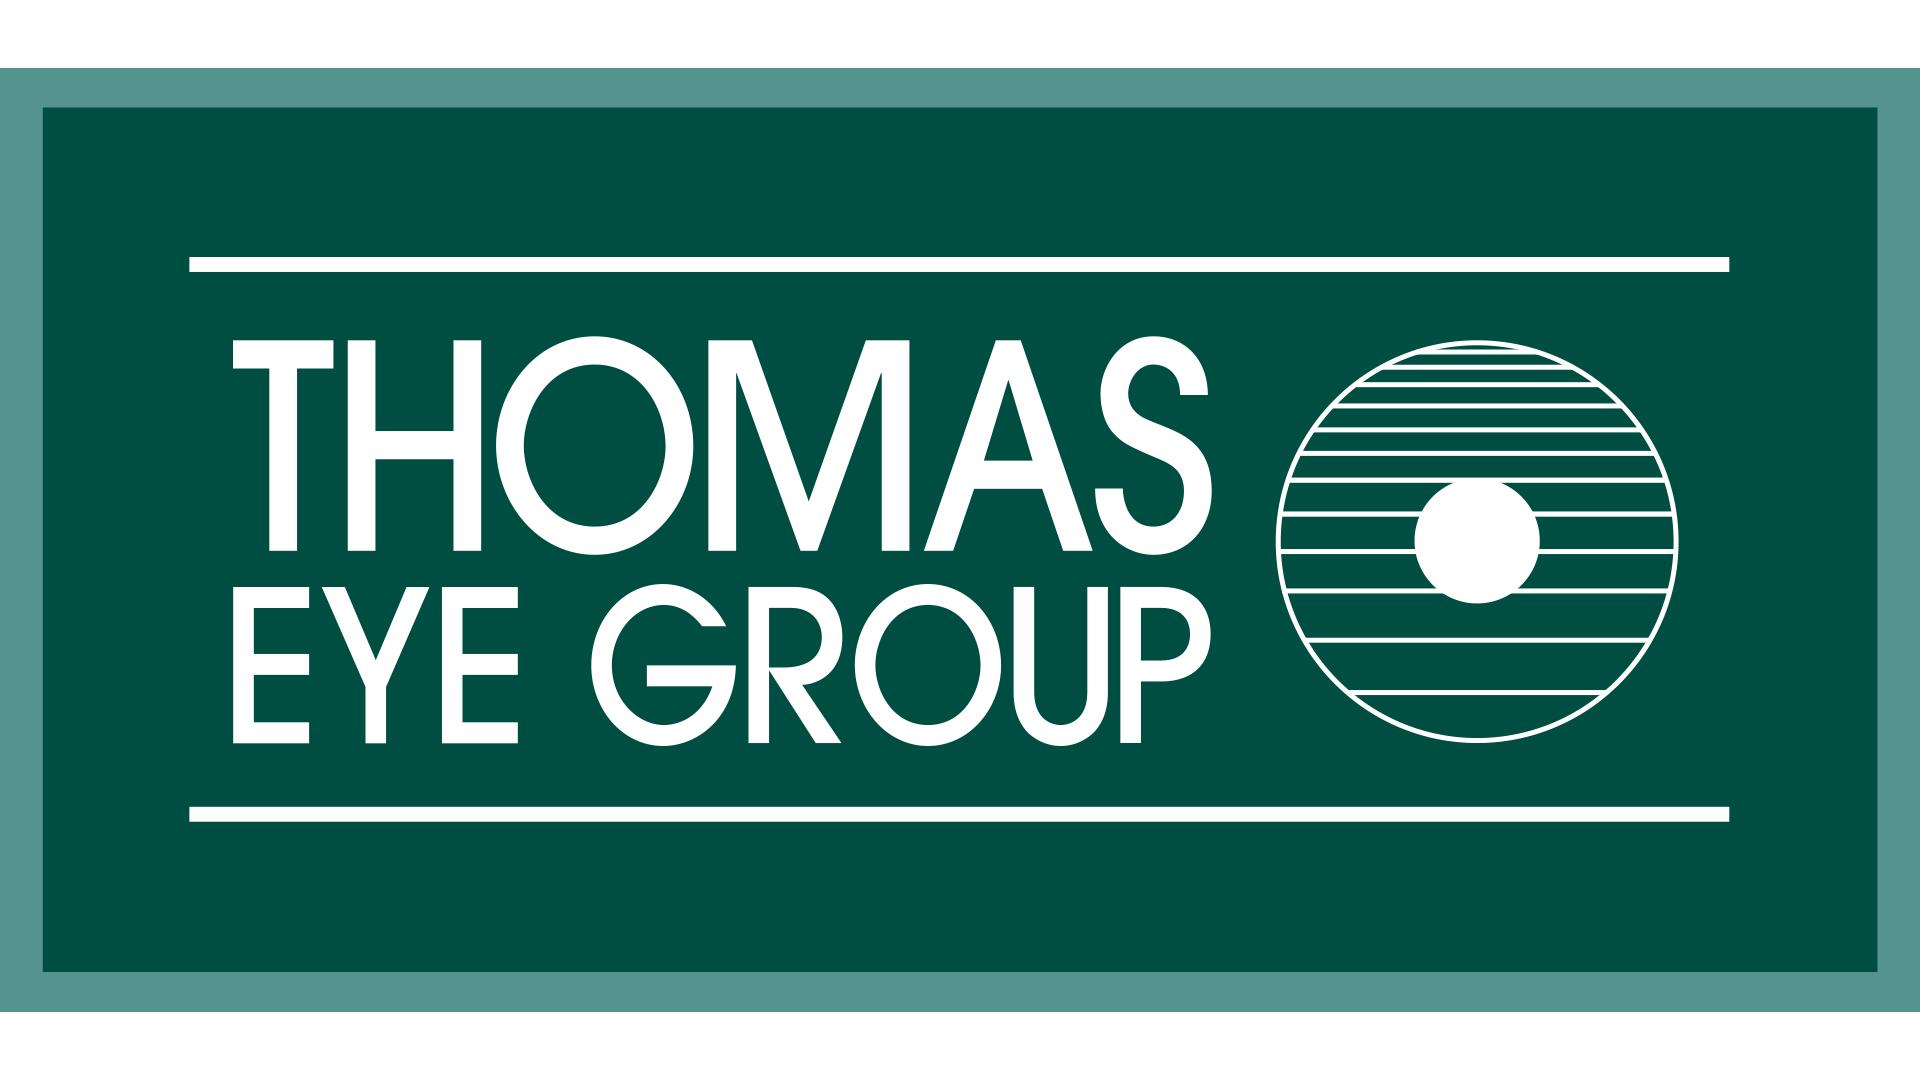 Thomas Eye